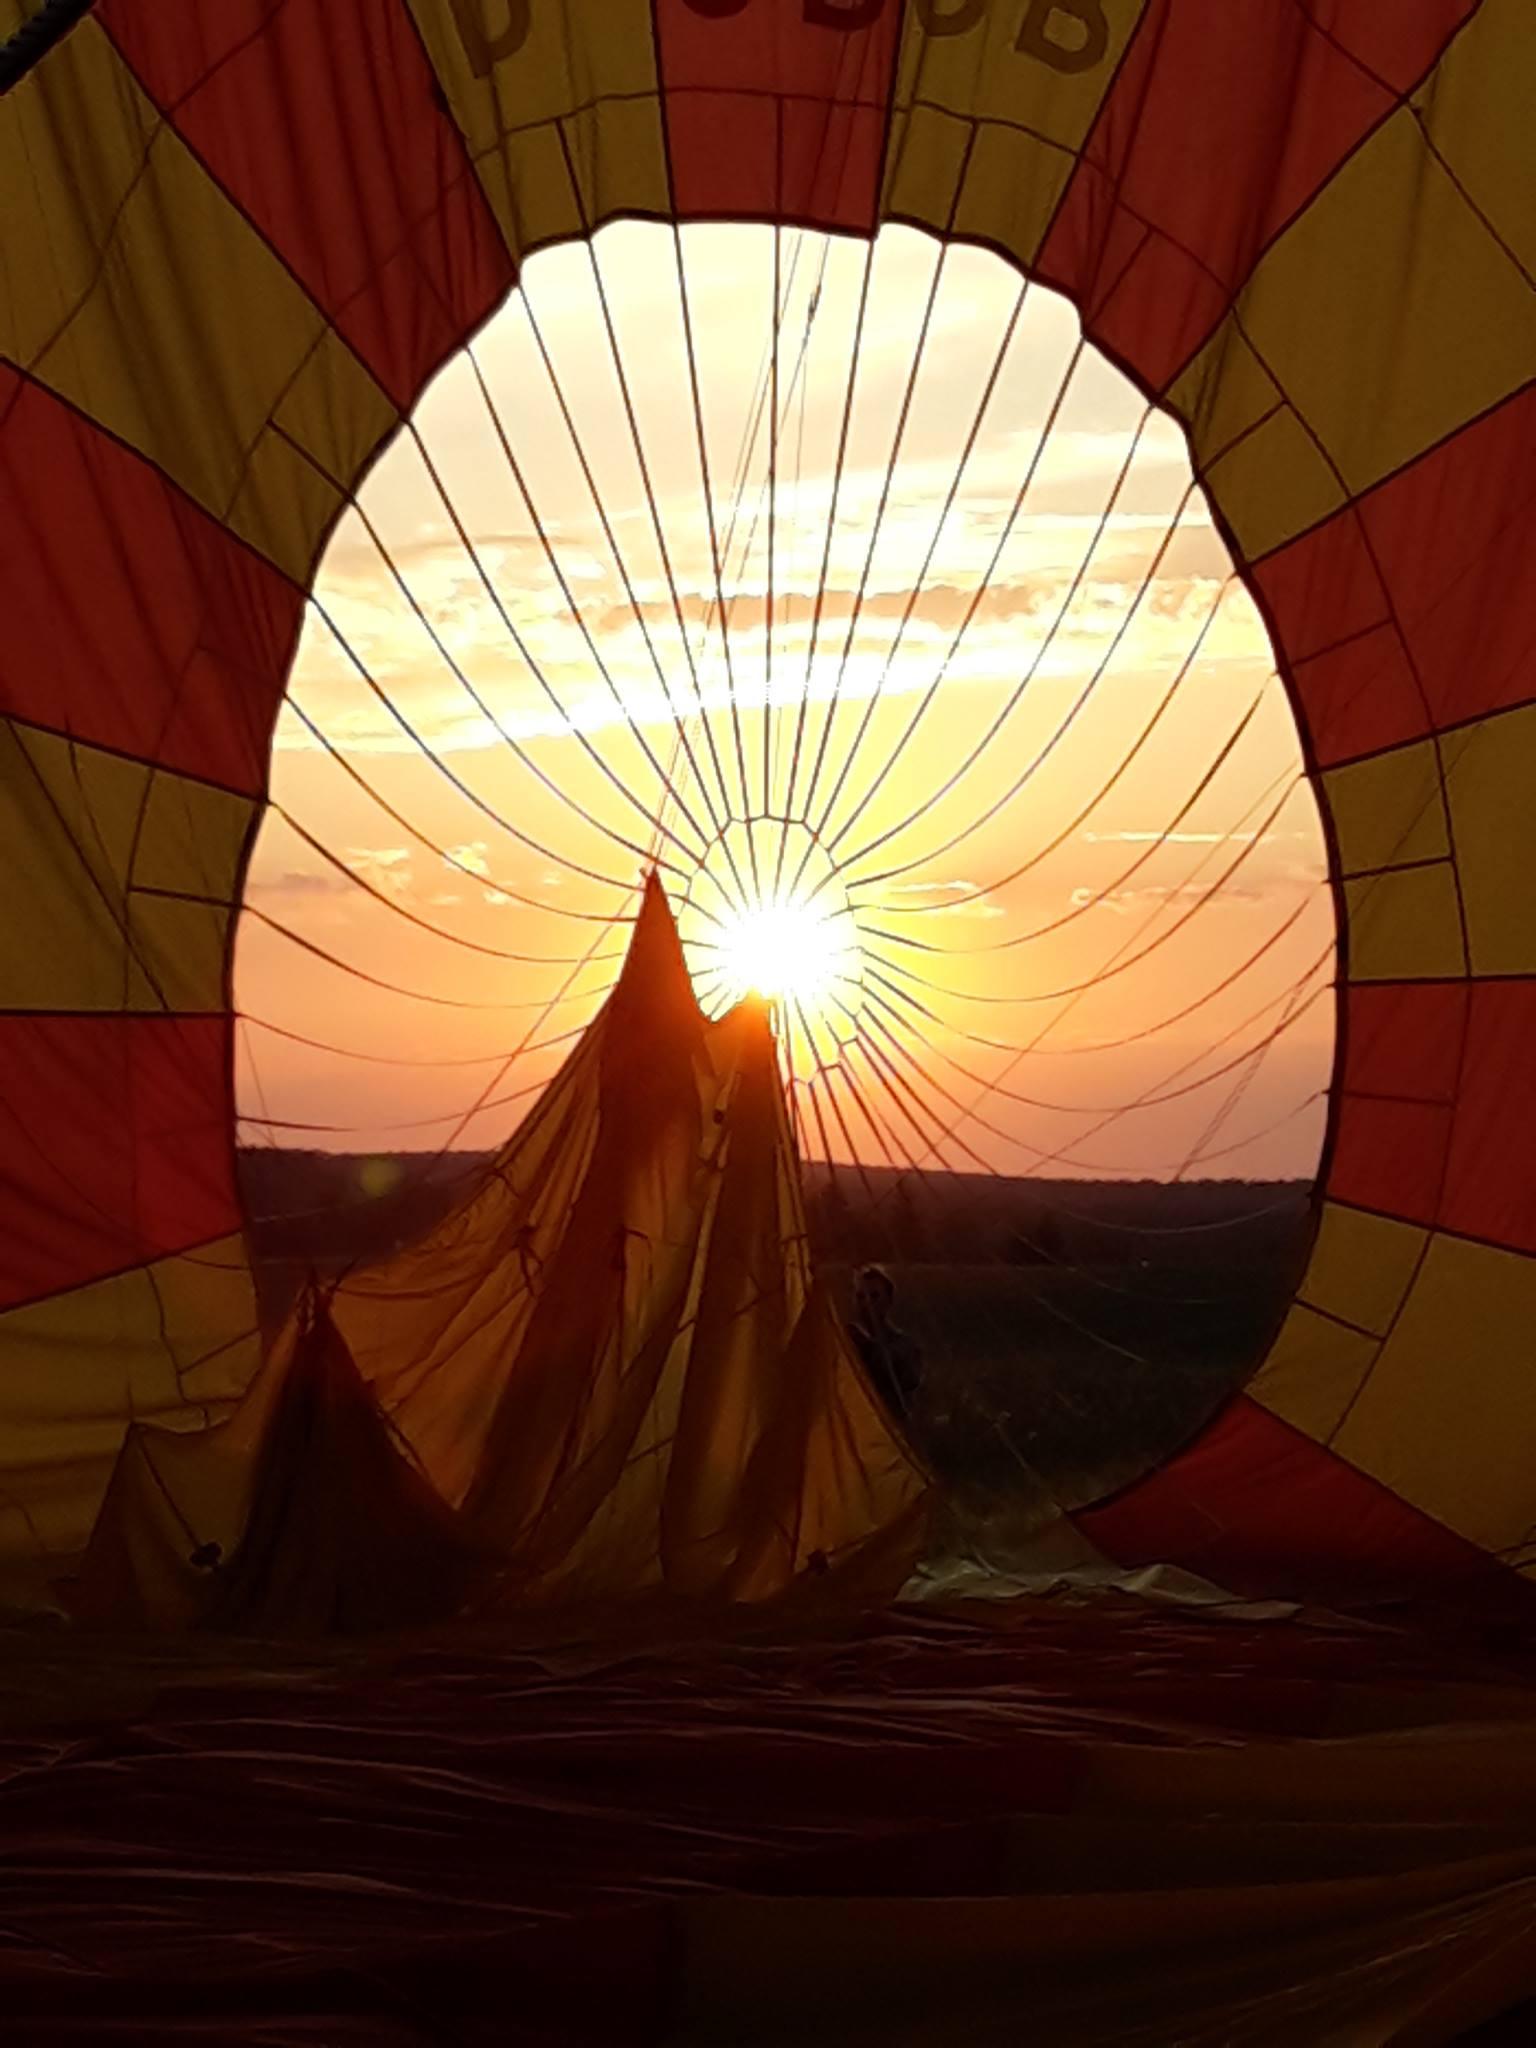 ballonfahrt-in-den-sonnenuntergang